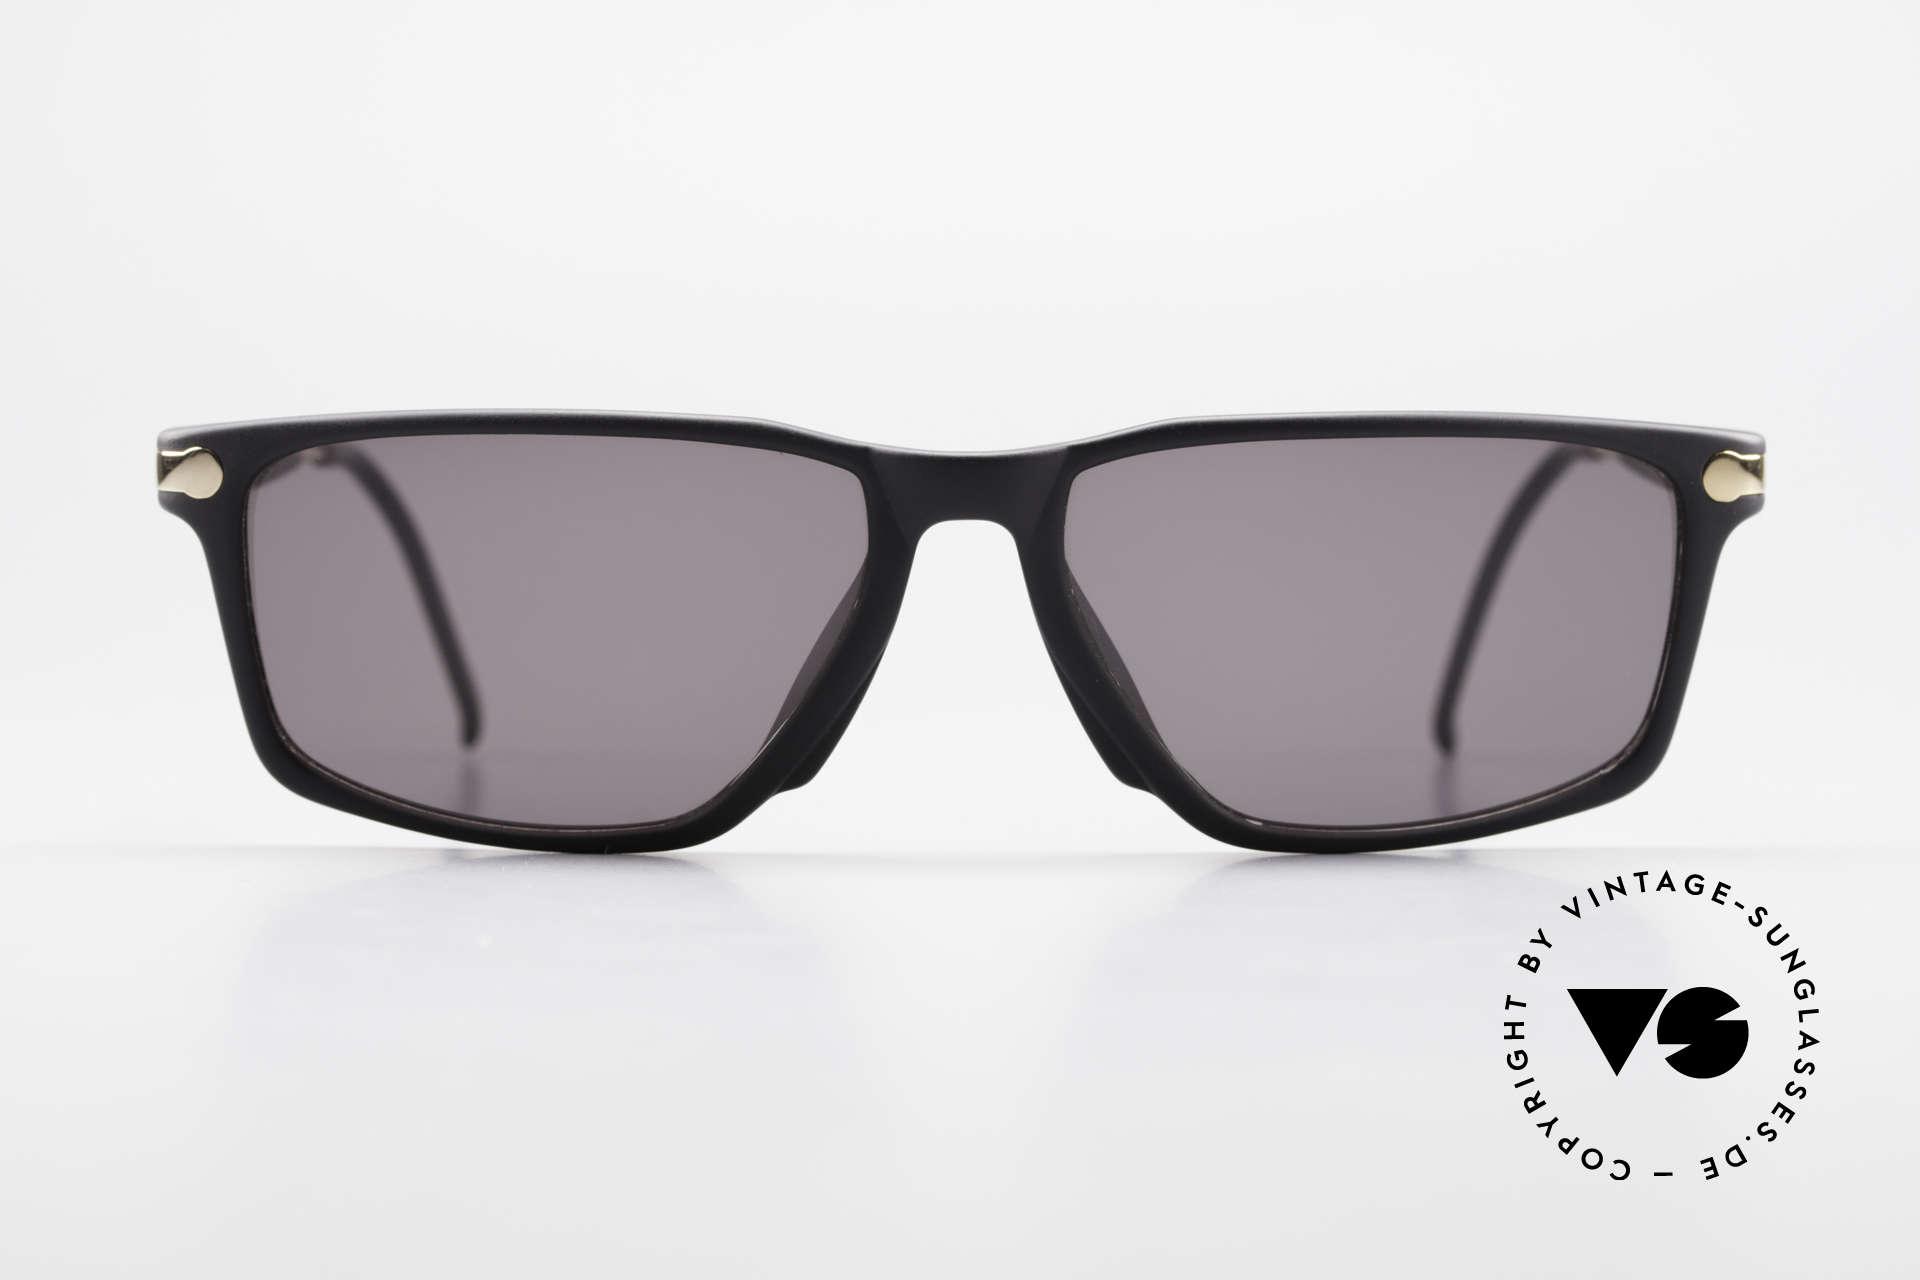 BOSS 5174 Vintage Sonnenbrille Eckig, Kooperation von Boss & Carrera in den 90er Jahren, Passend für Herren